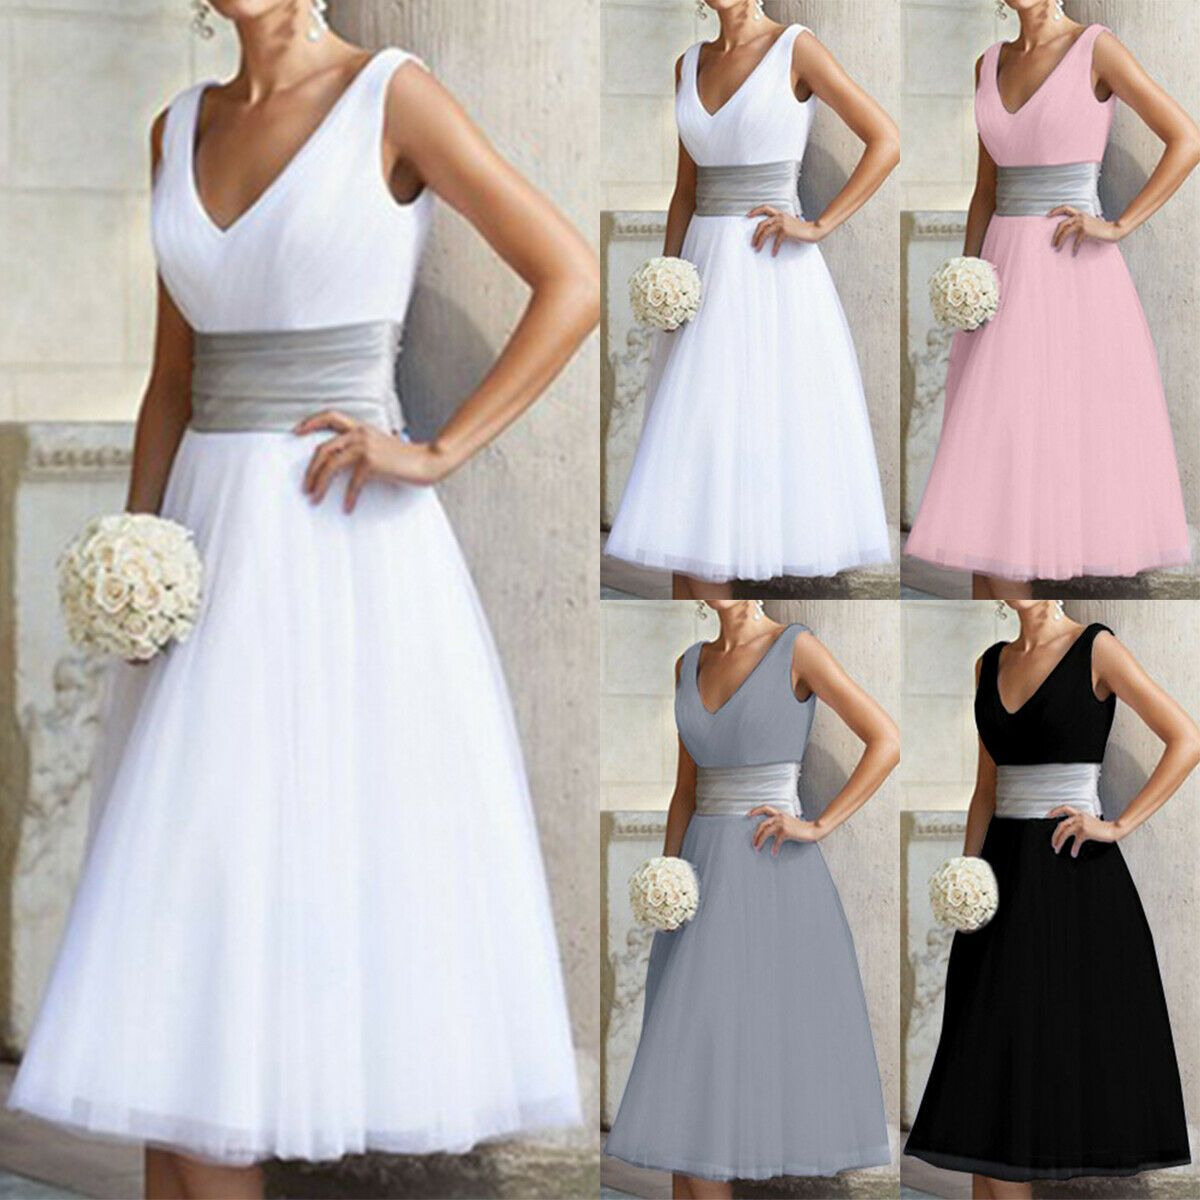 Formal Genial Abendkleid Für Hochzeit für 201913 Fantastisch Abendkleid Für Hochzeit Stylish